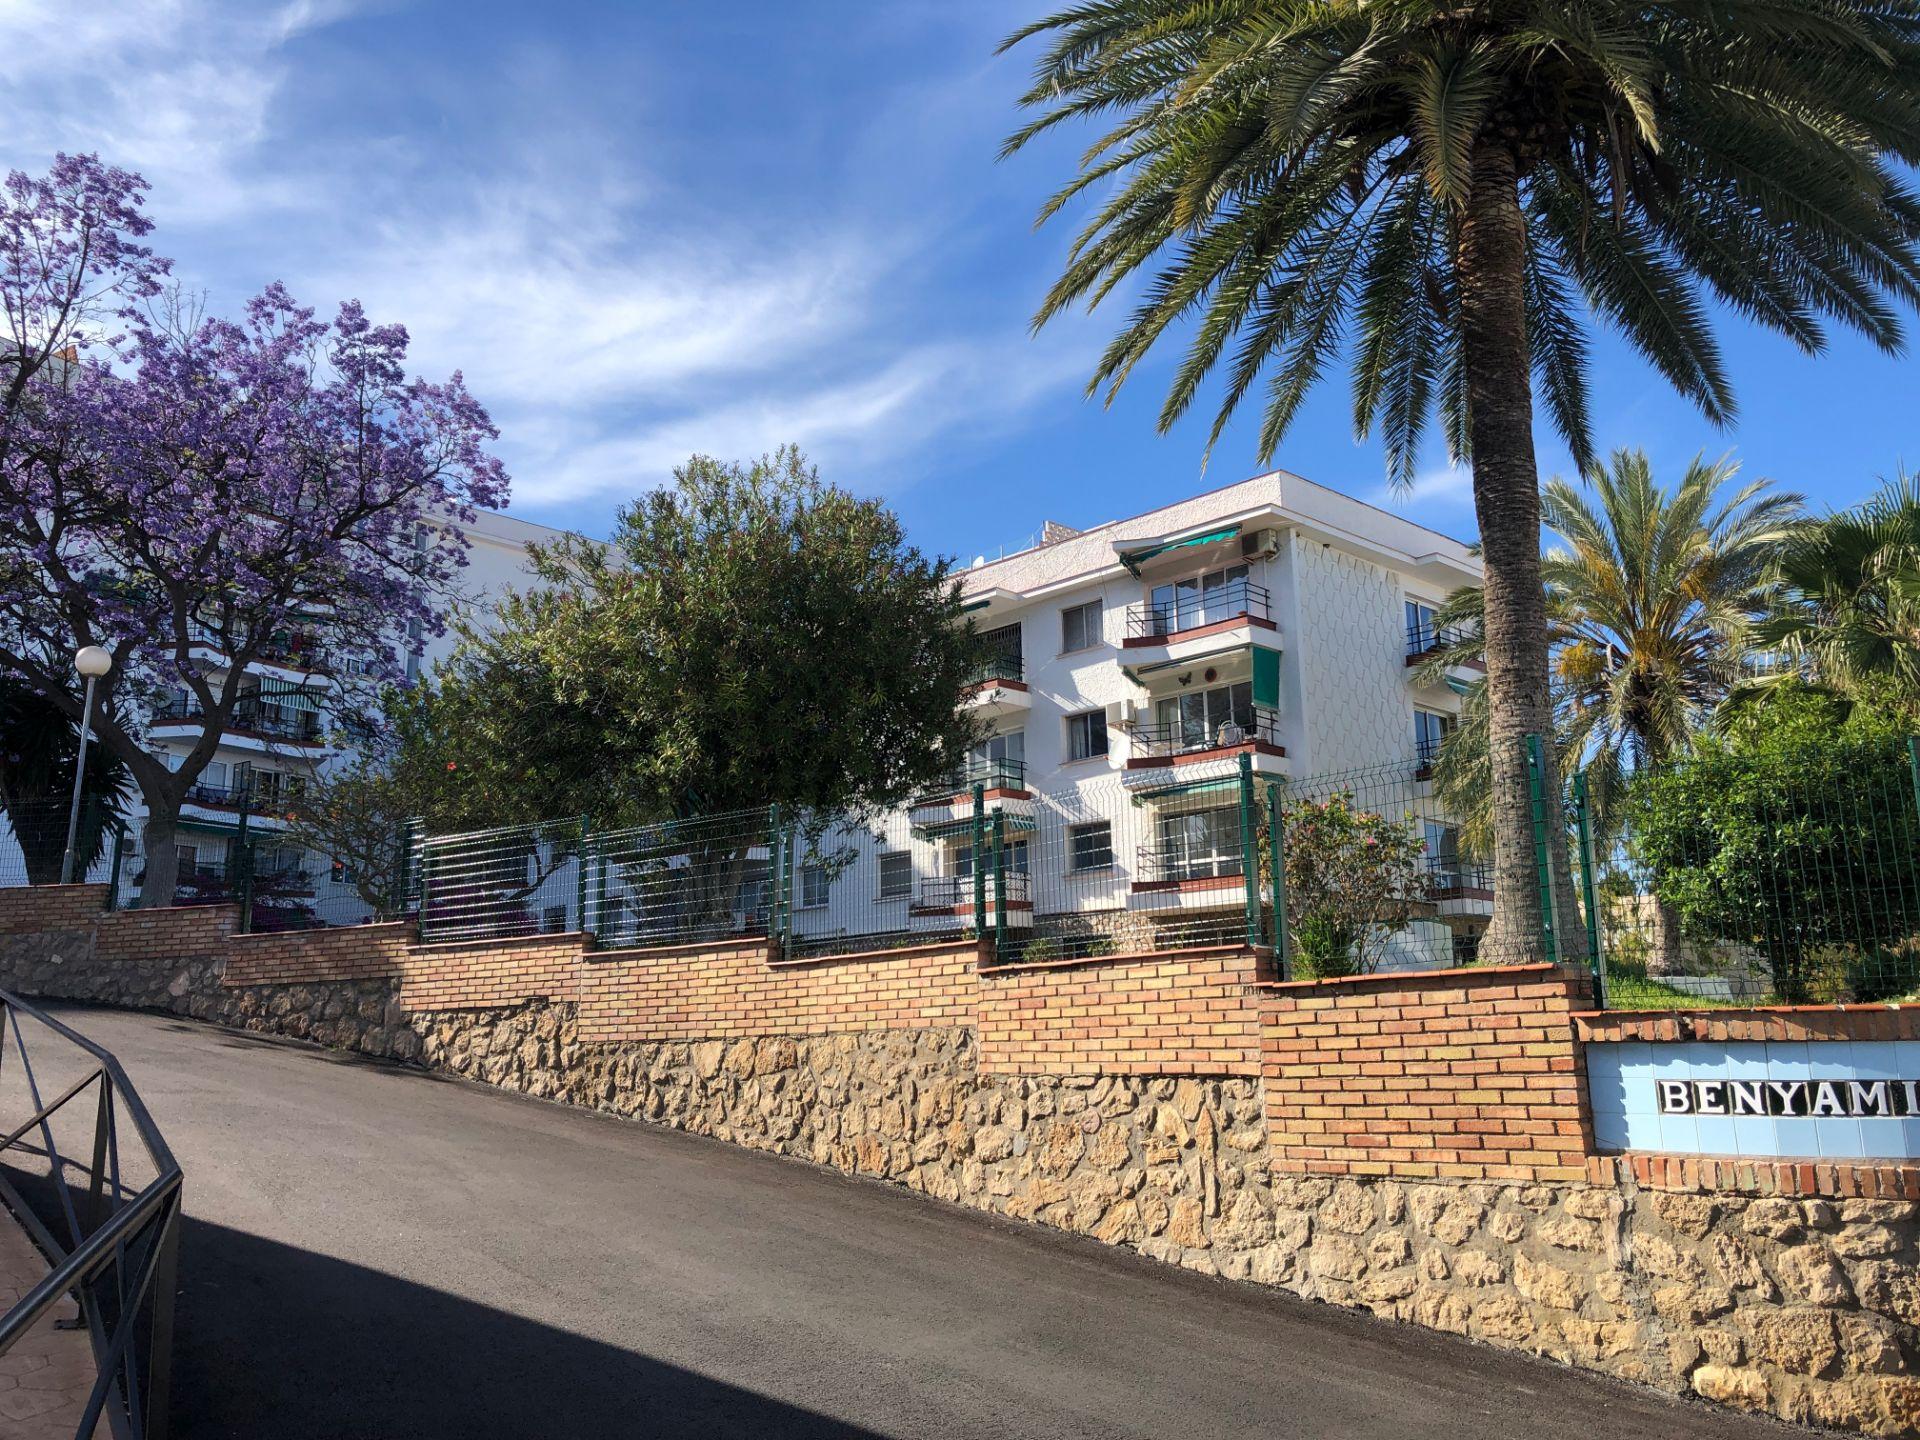 Apartamento en Torremolinos, Playamar, venta